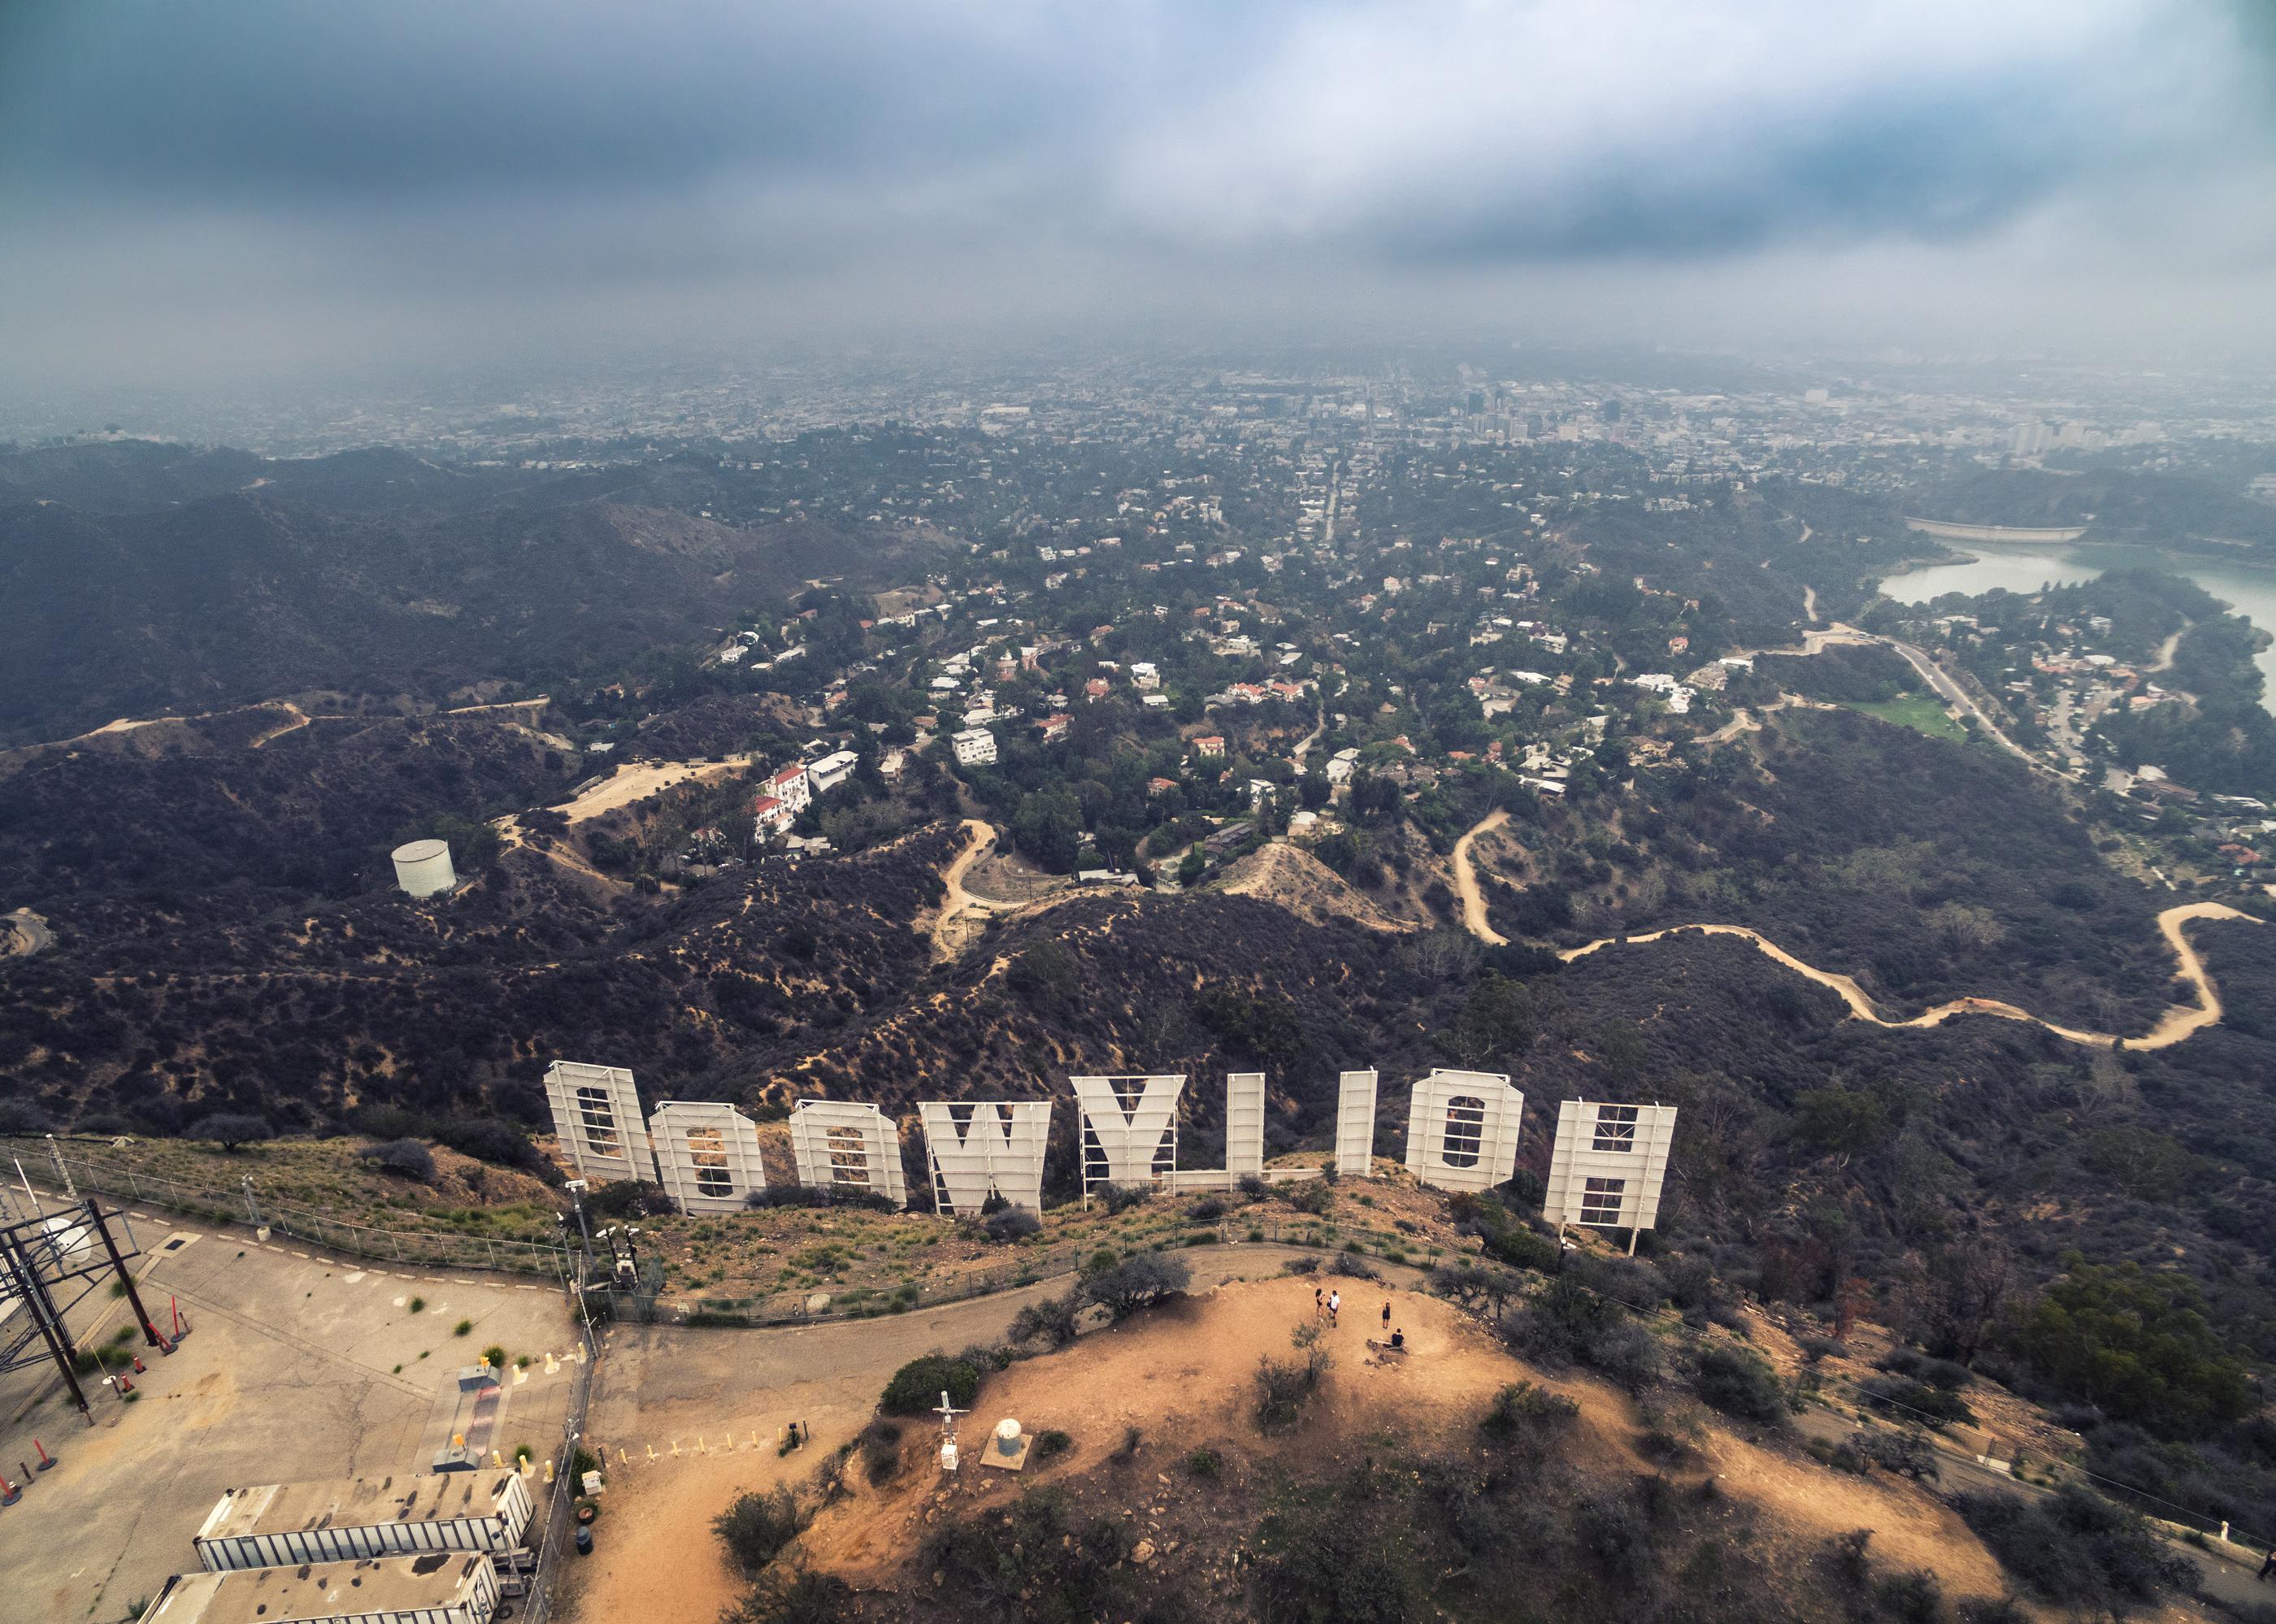 Drones in Hollywood: Filmmakers Seeking Looser Regulations